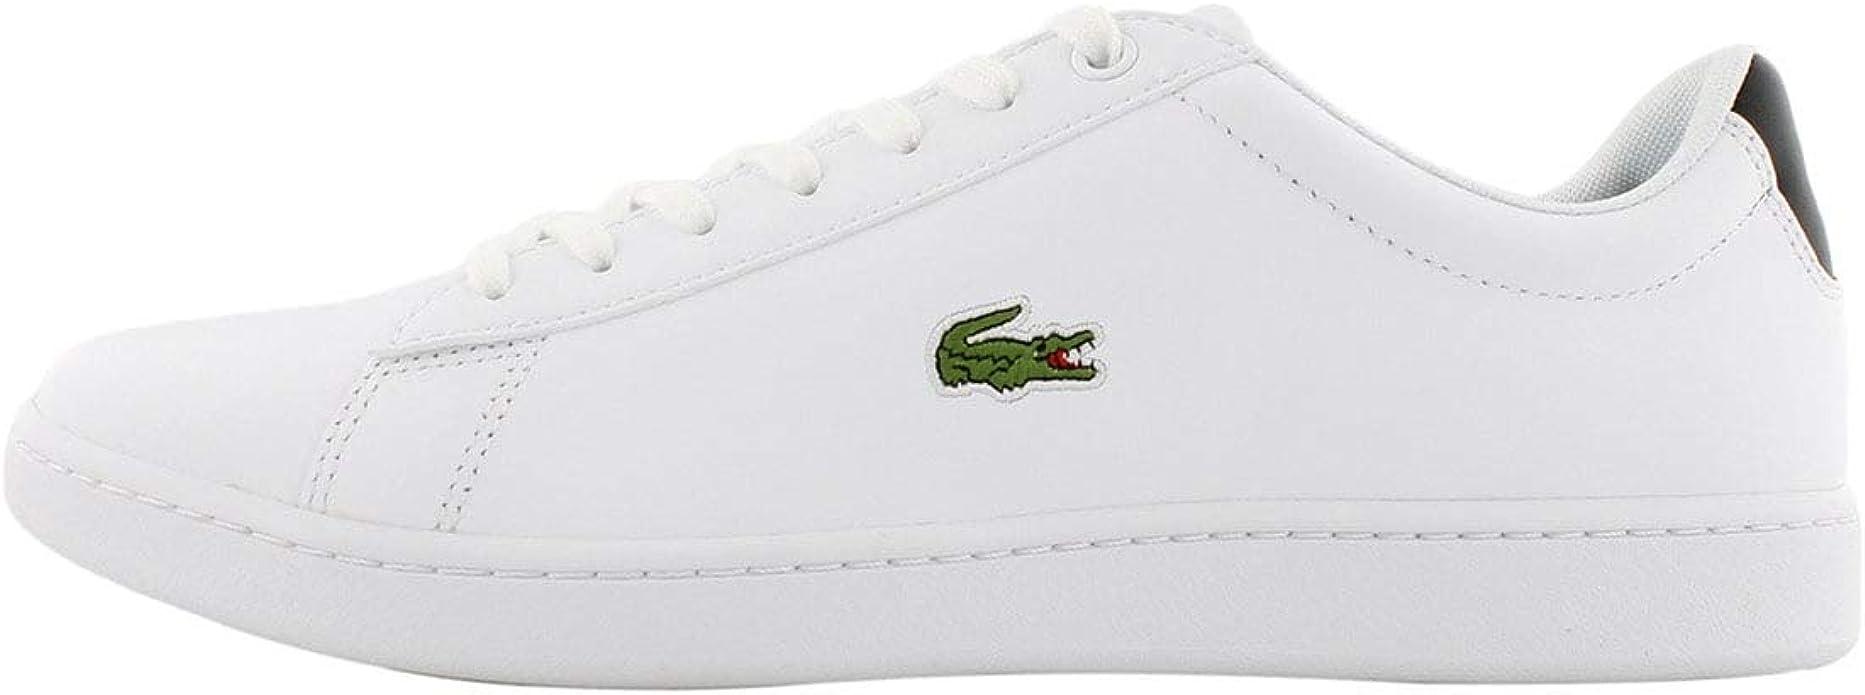 Fashion Sneaker Wht/Blk 10.5